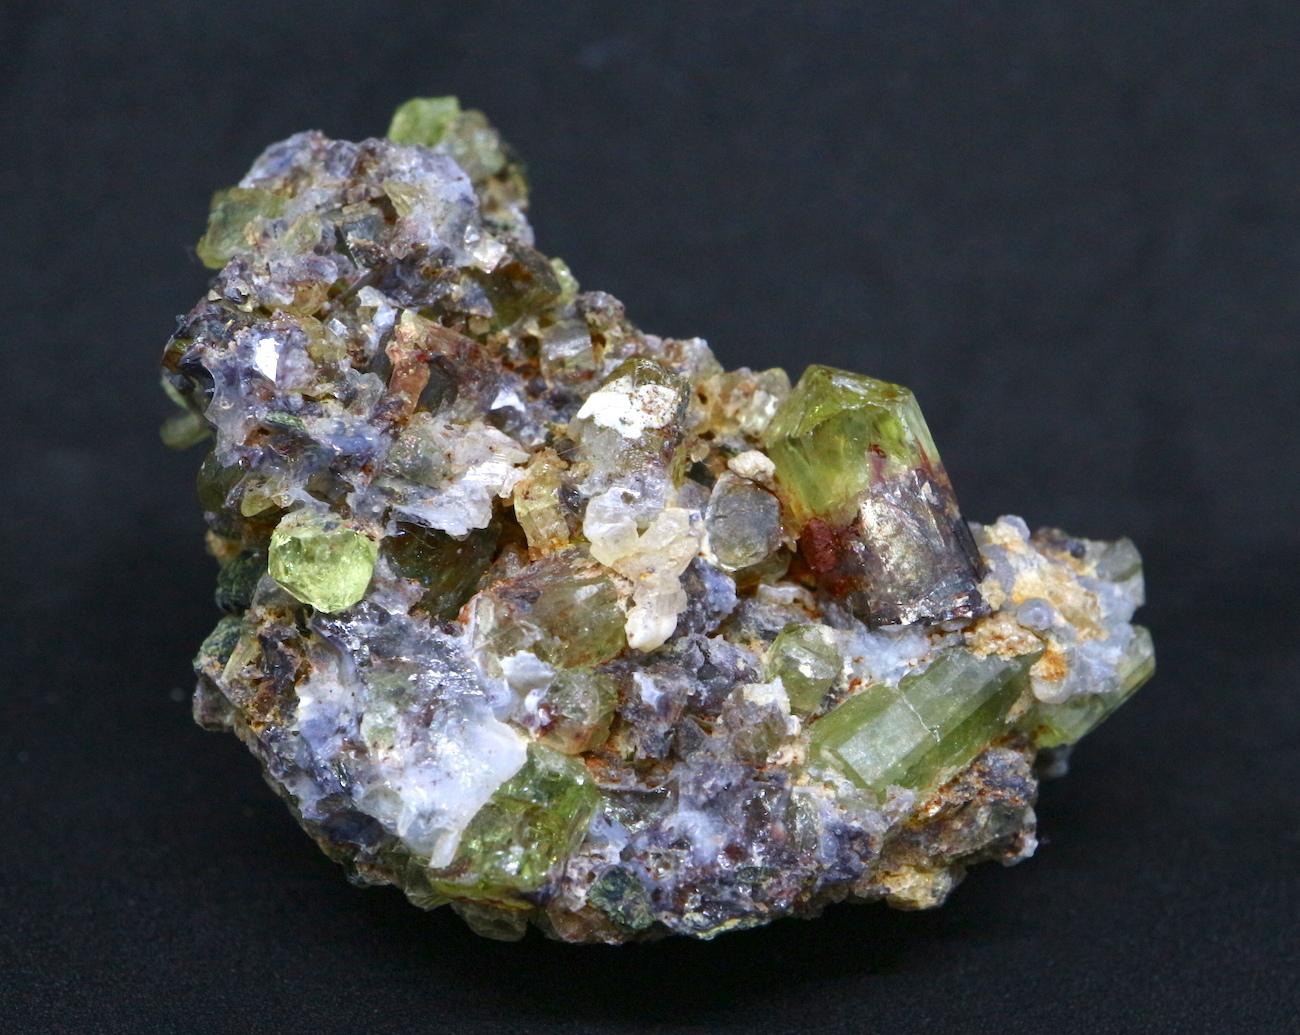 メキシコ産 アパタイト 母岩付き  Apatite 41,3g AP024 鉱物 原石 天然石 パワーストーン